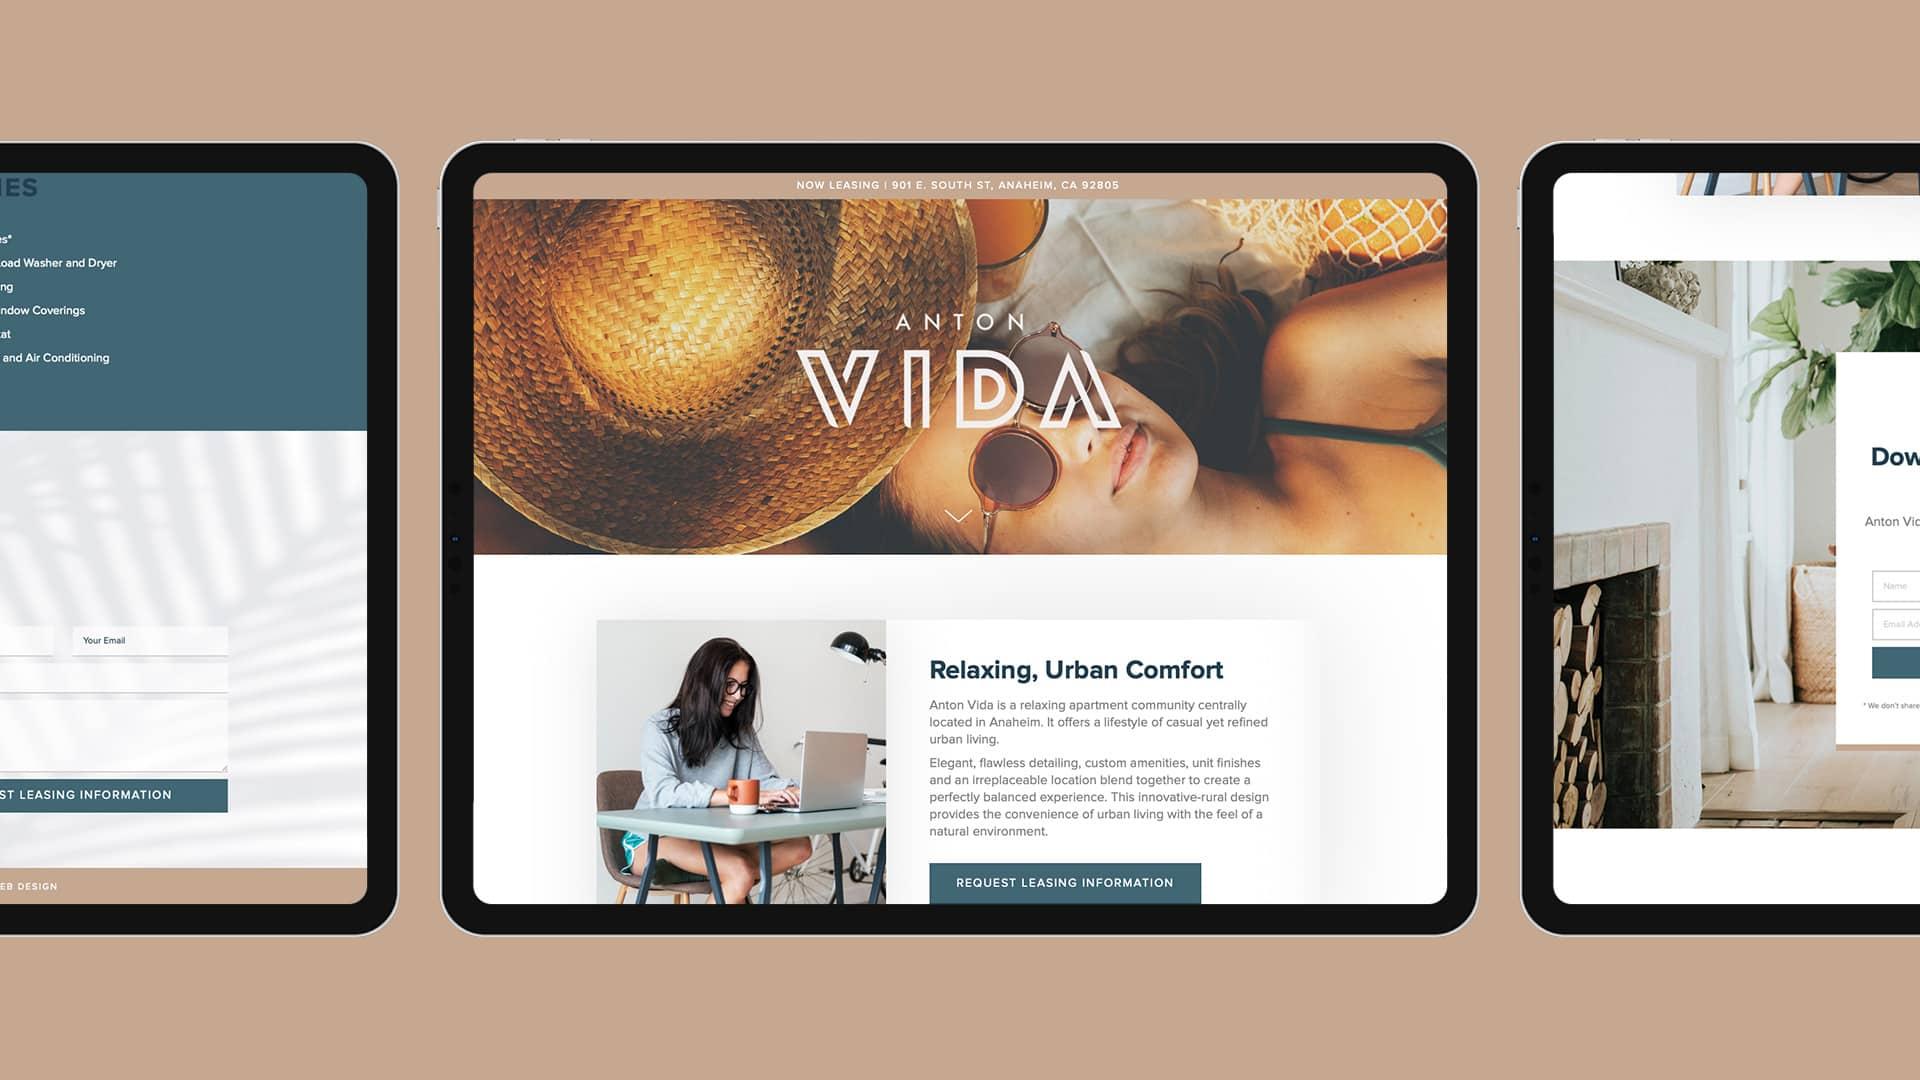 Anton Vida Website Design - Unsung Studio Web Design